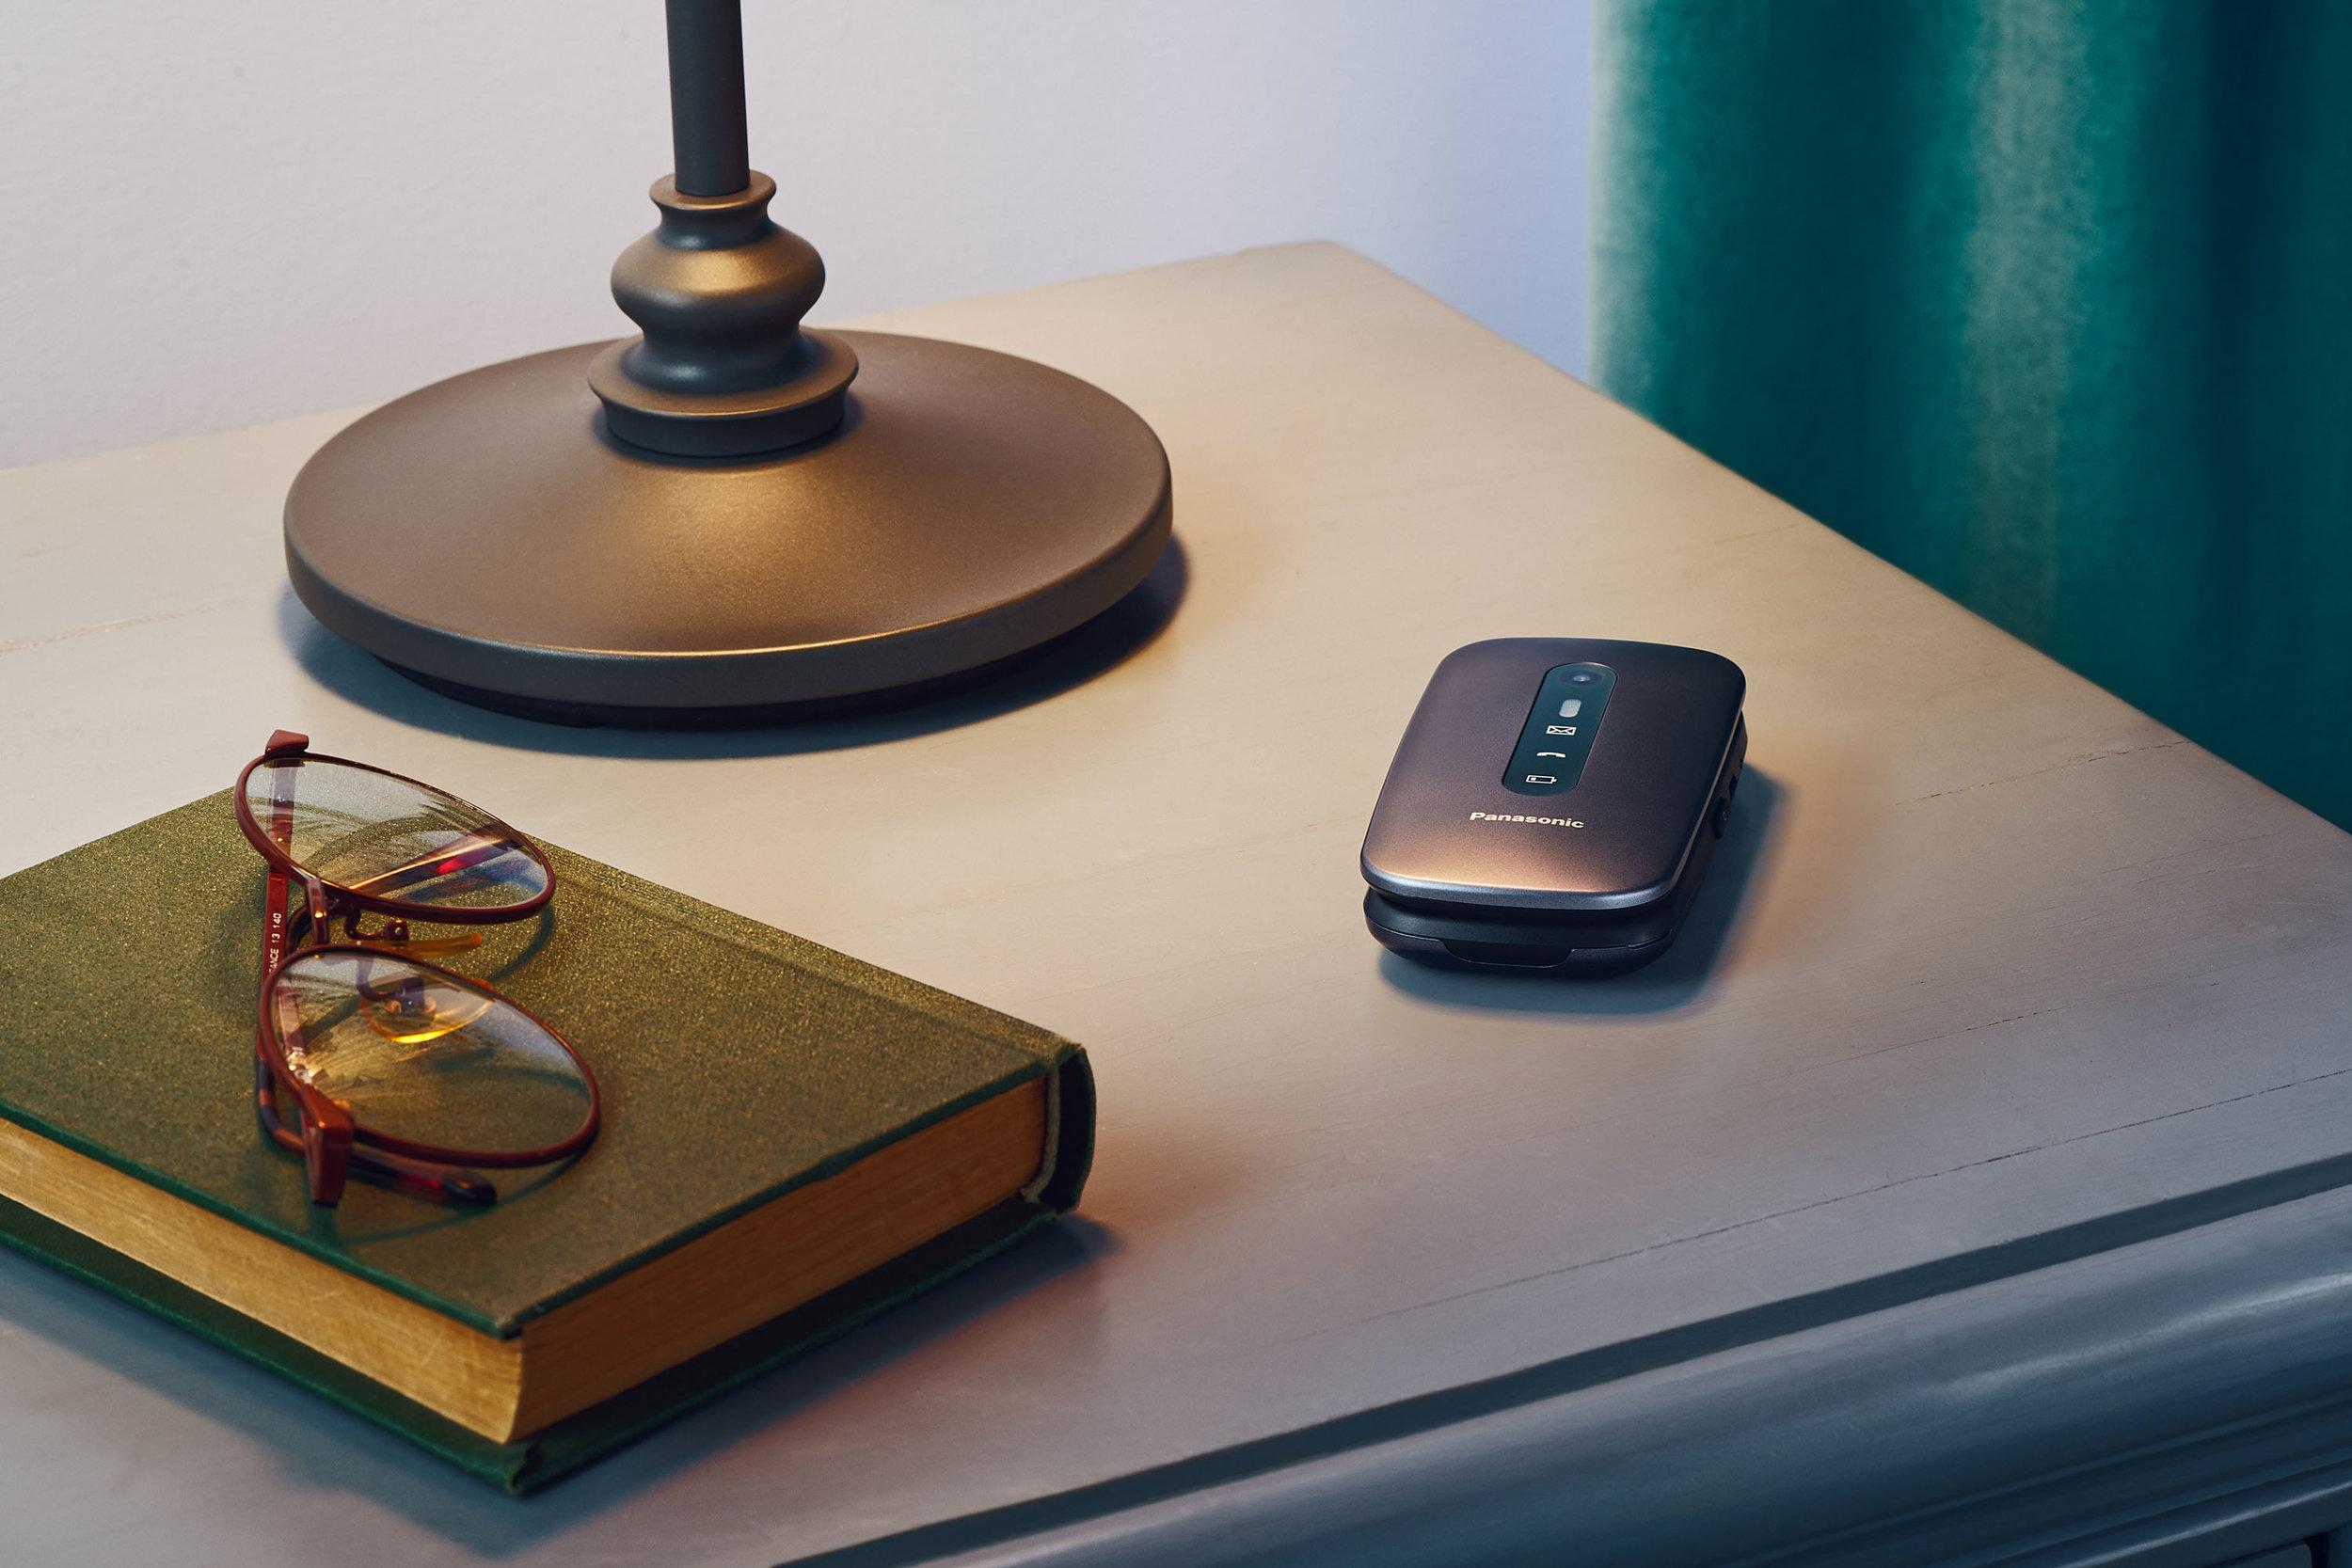 Panasonic Phones01306.jpg